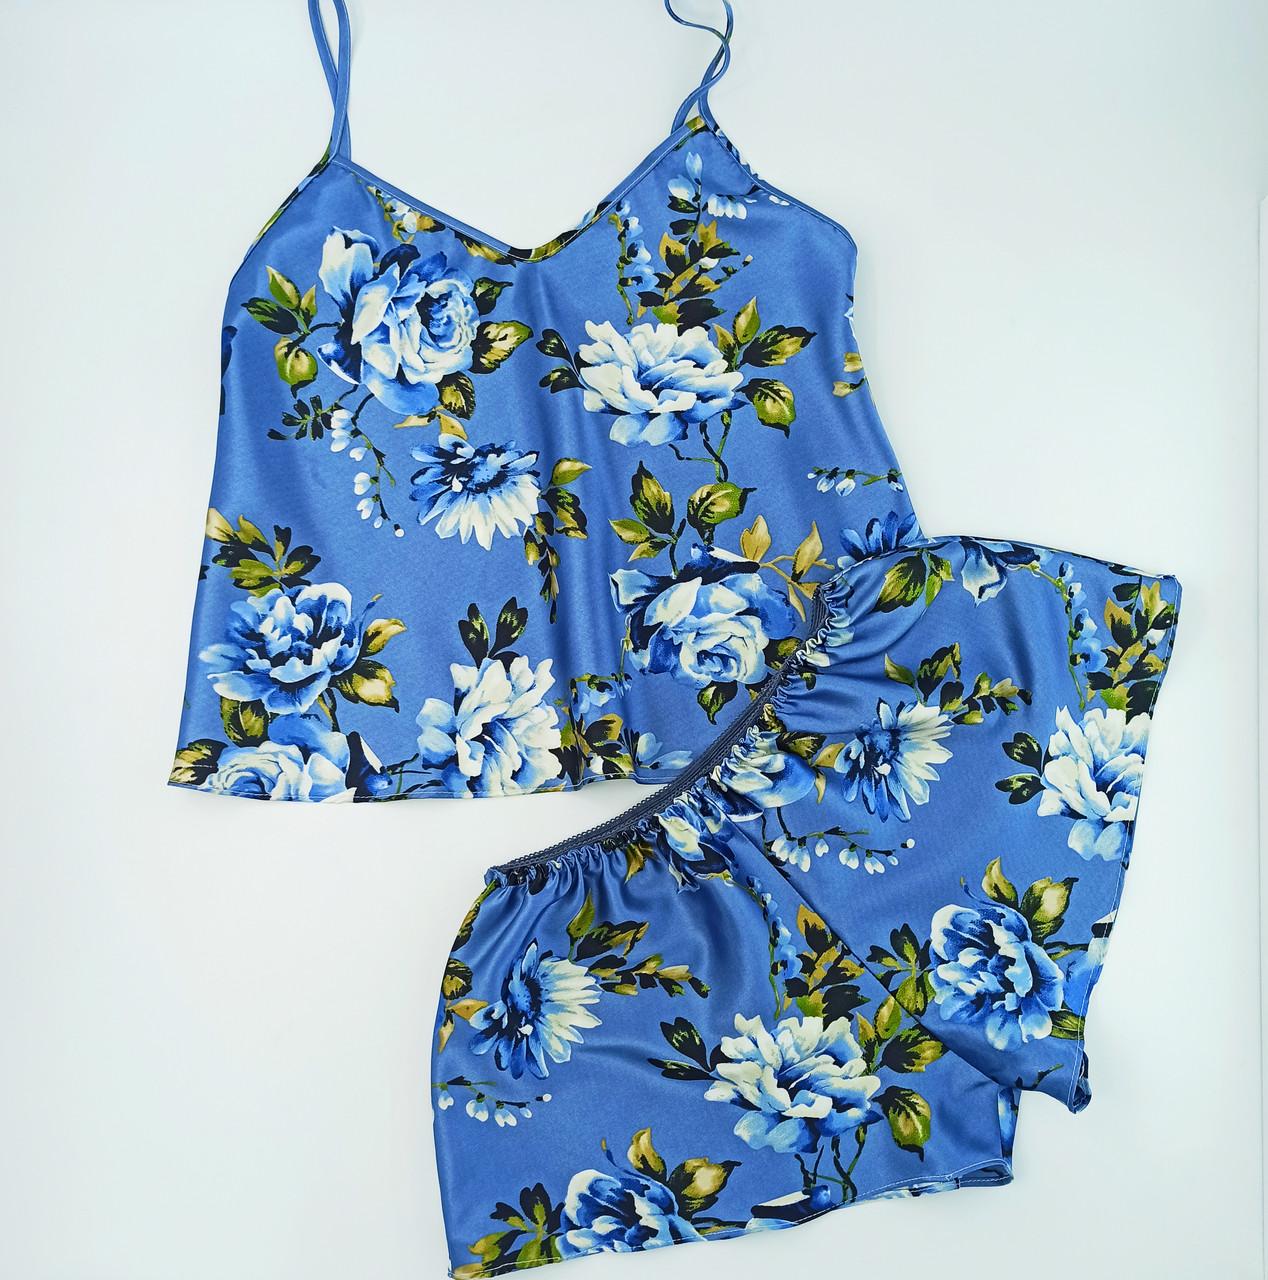 Комплект для дома и сна NoBrand  шортики+майка атлас L (маломерит) в цветы серо-синий (0212)